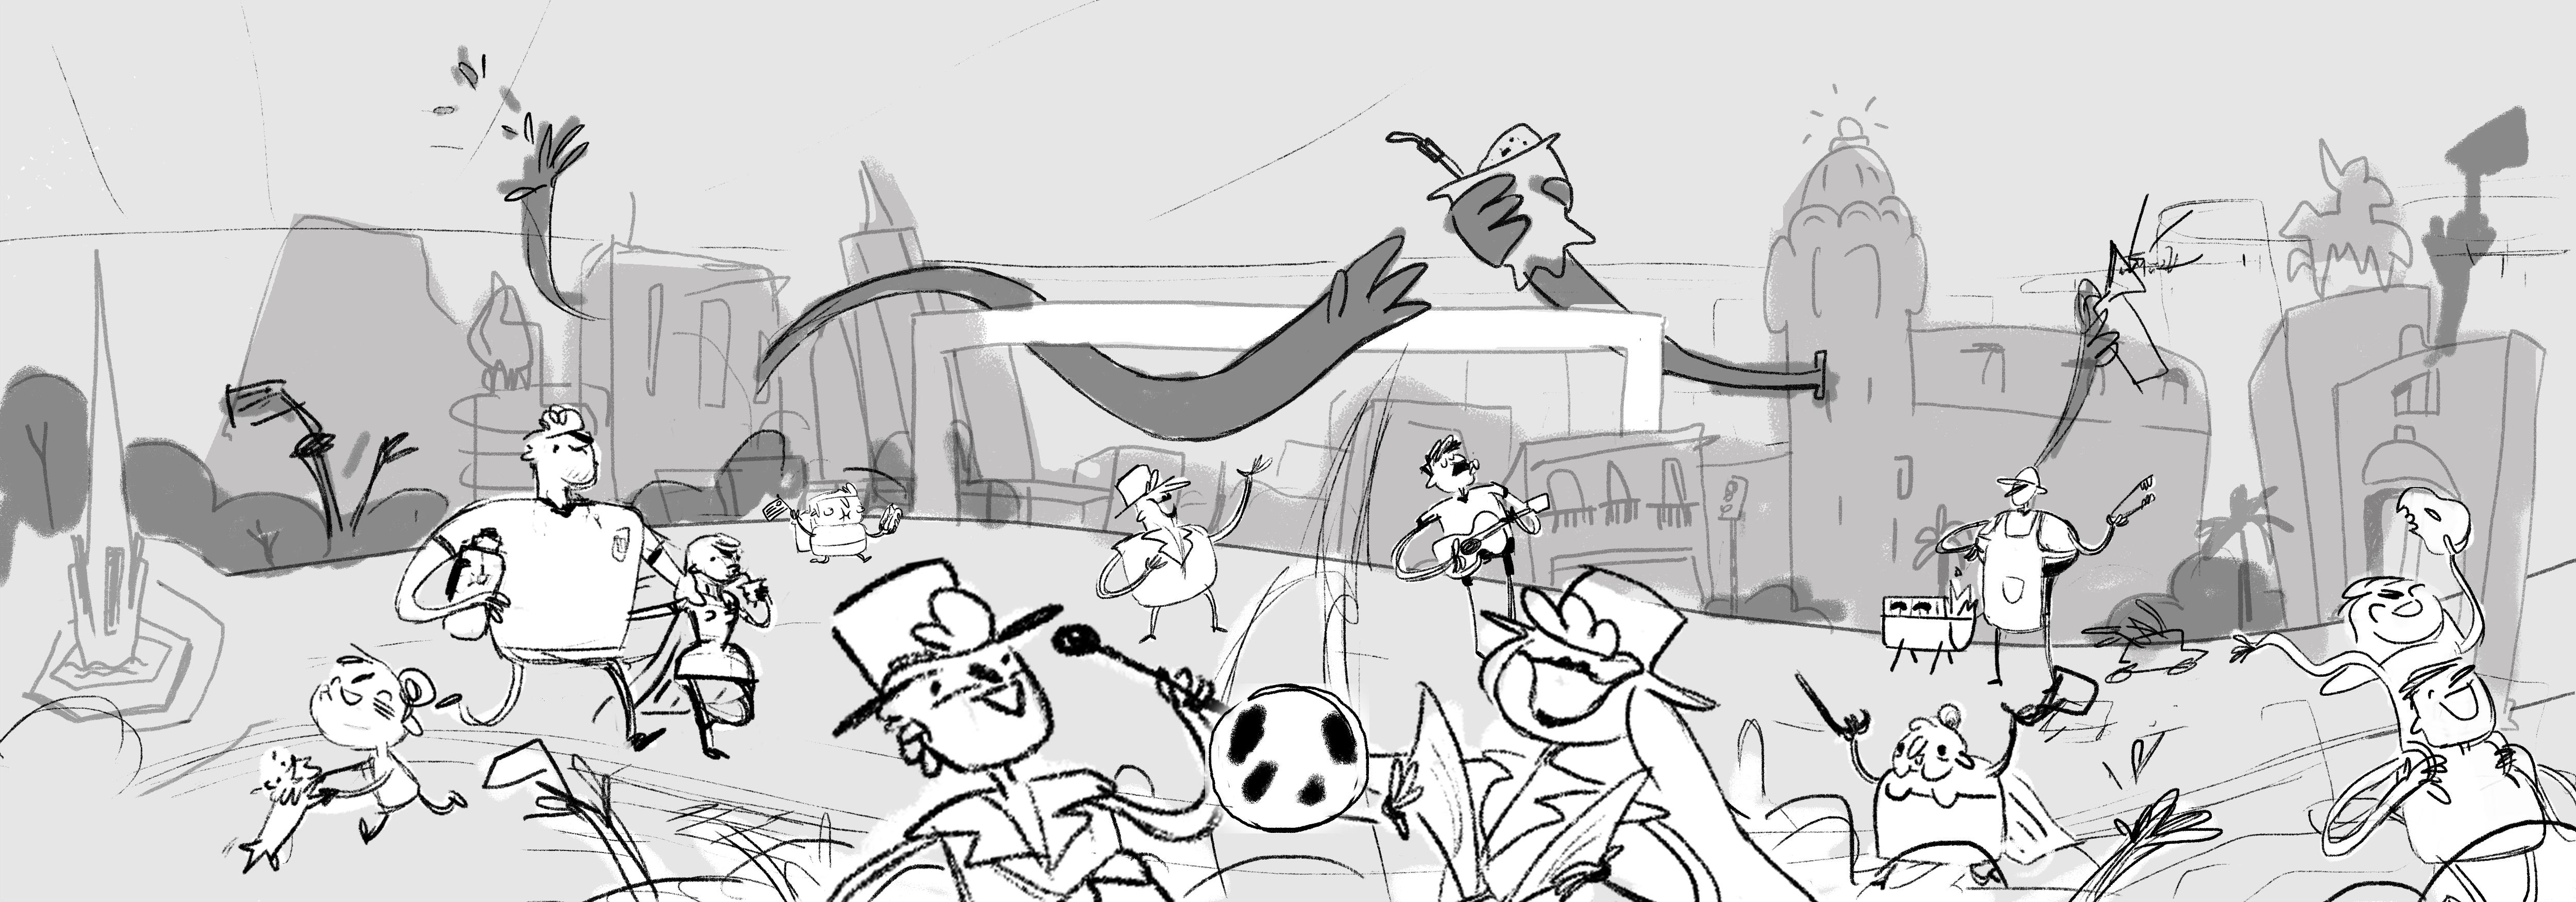 Uruguay World Cup Sketch